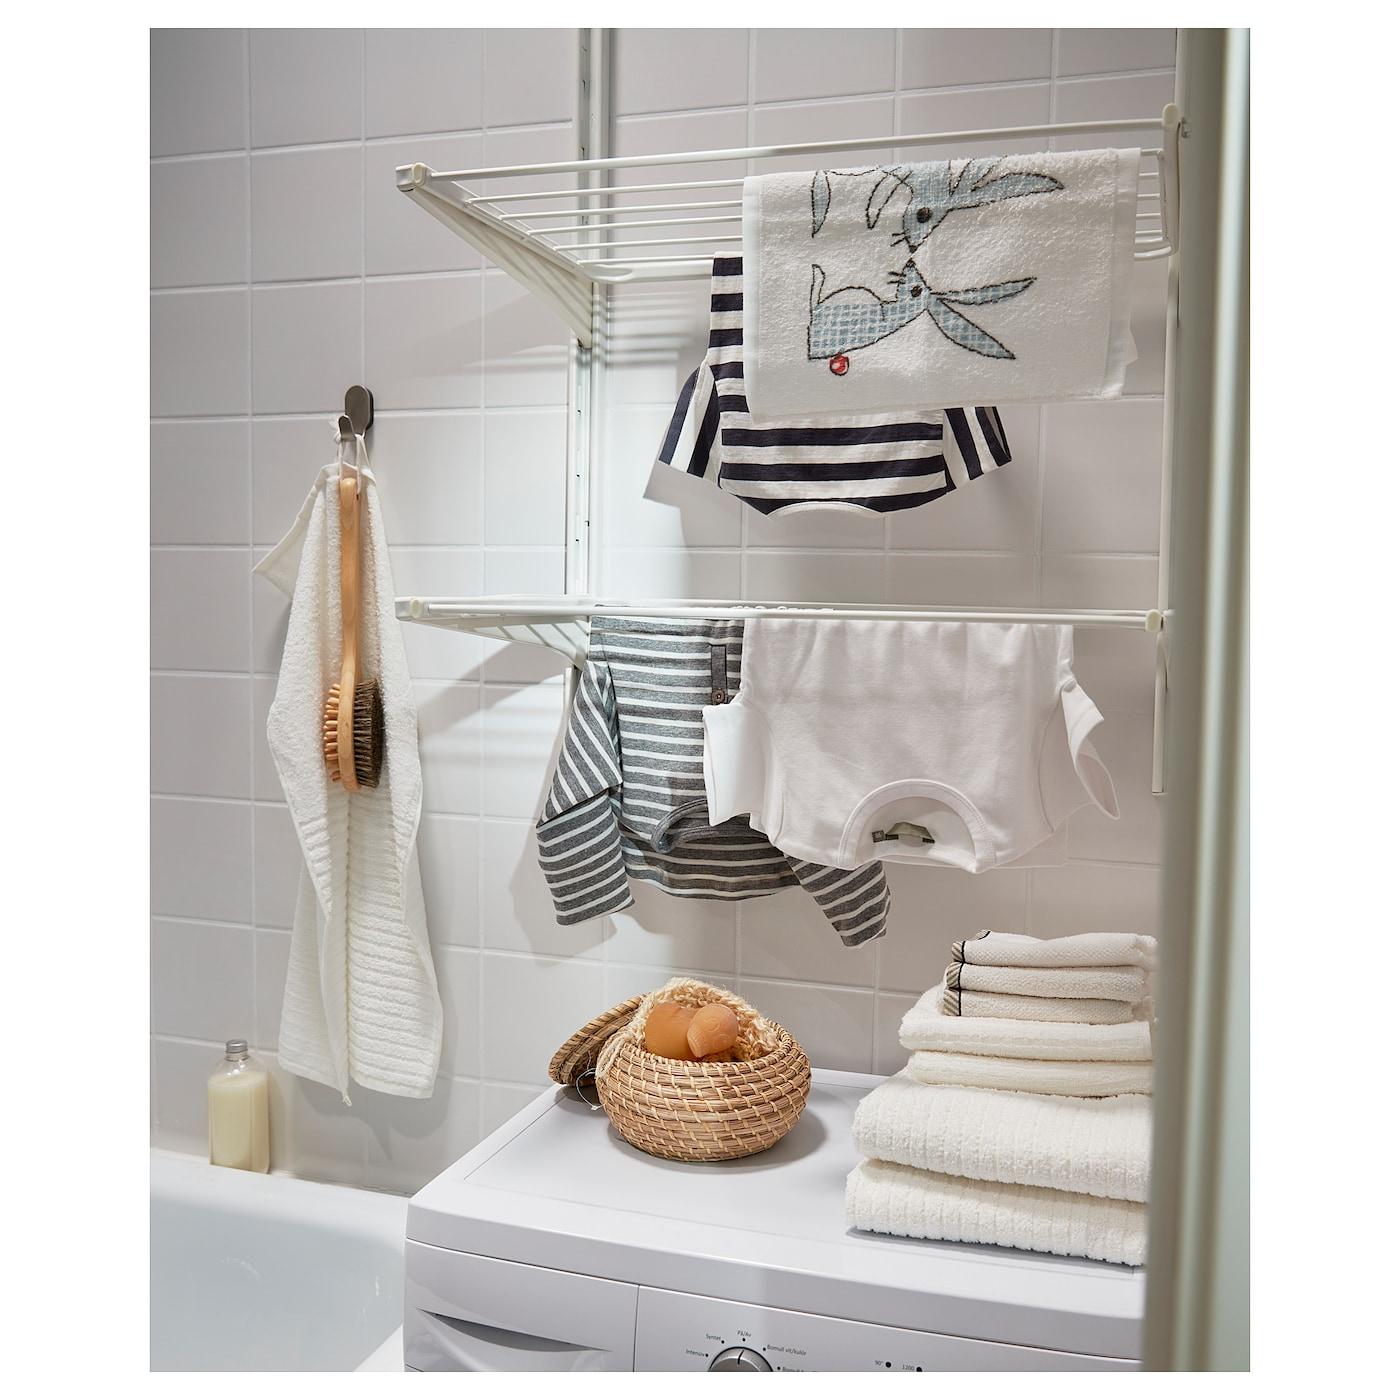 ALGOT Wandschiene/Wäschehalter weiß 66 cm 41 cm 197 cm